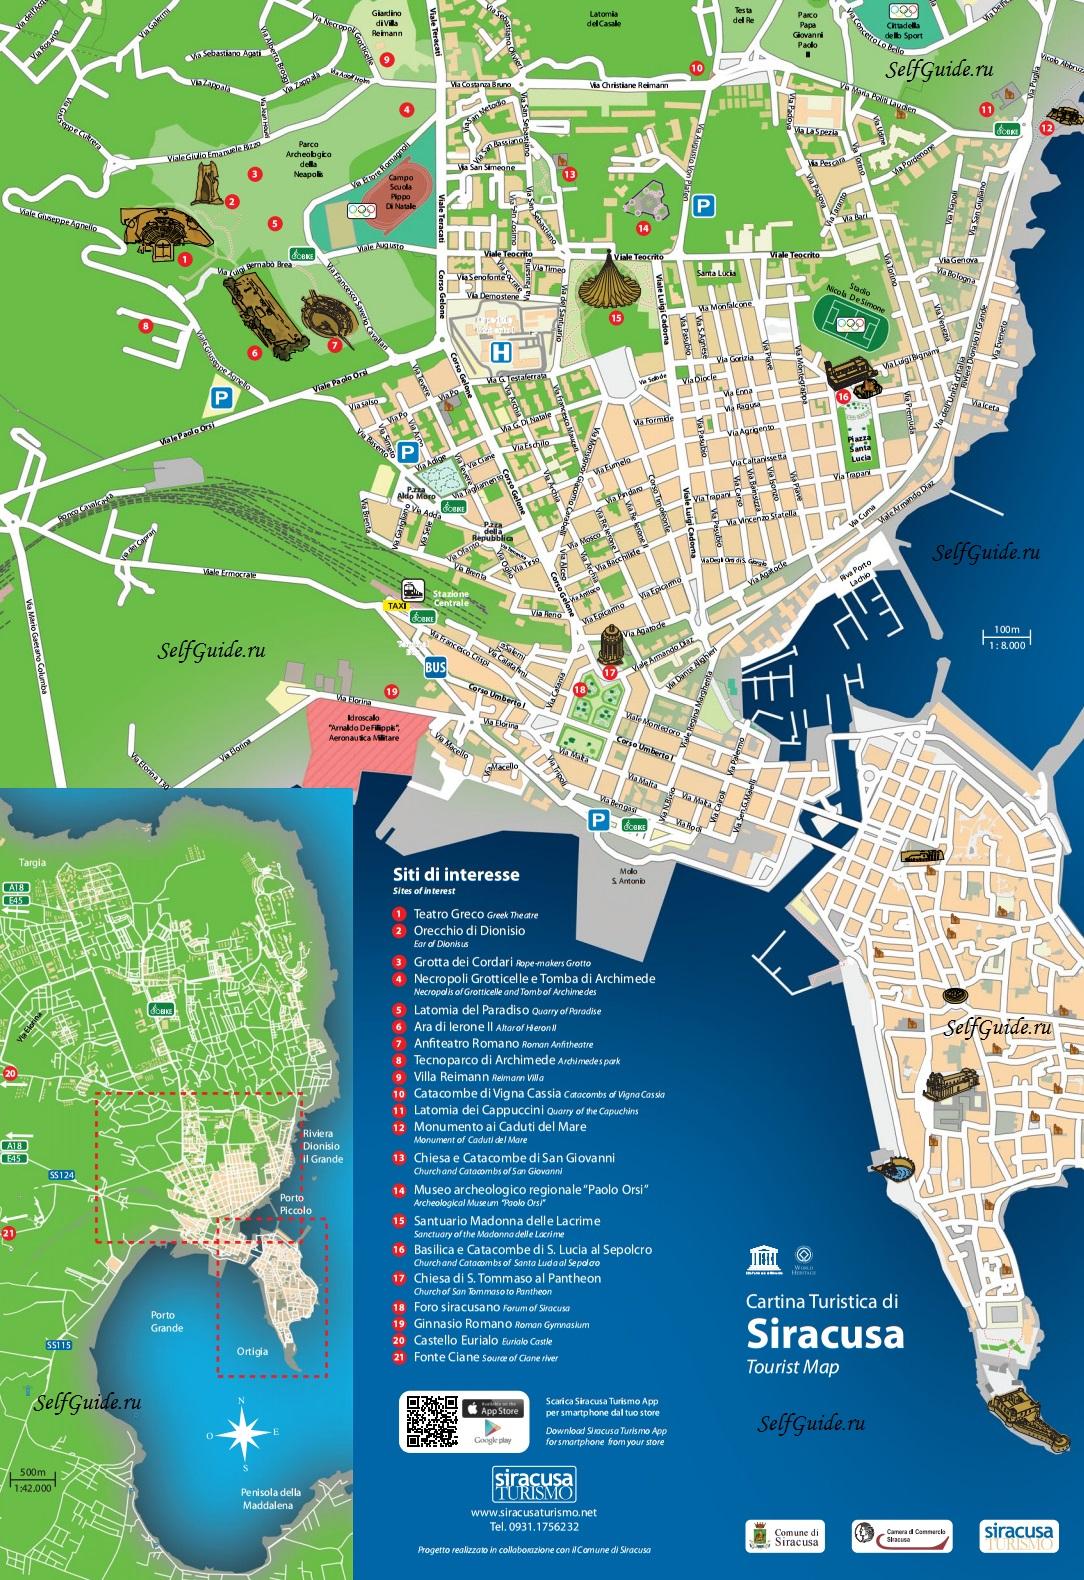 siracusa-map-full Сиракузы (Siracusa), Сицилия, Италия - достопримечательности, карта города, туристический маршрут. Путеводитель по городу, Сицилии и Италии. Что посмотреть